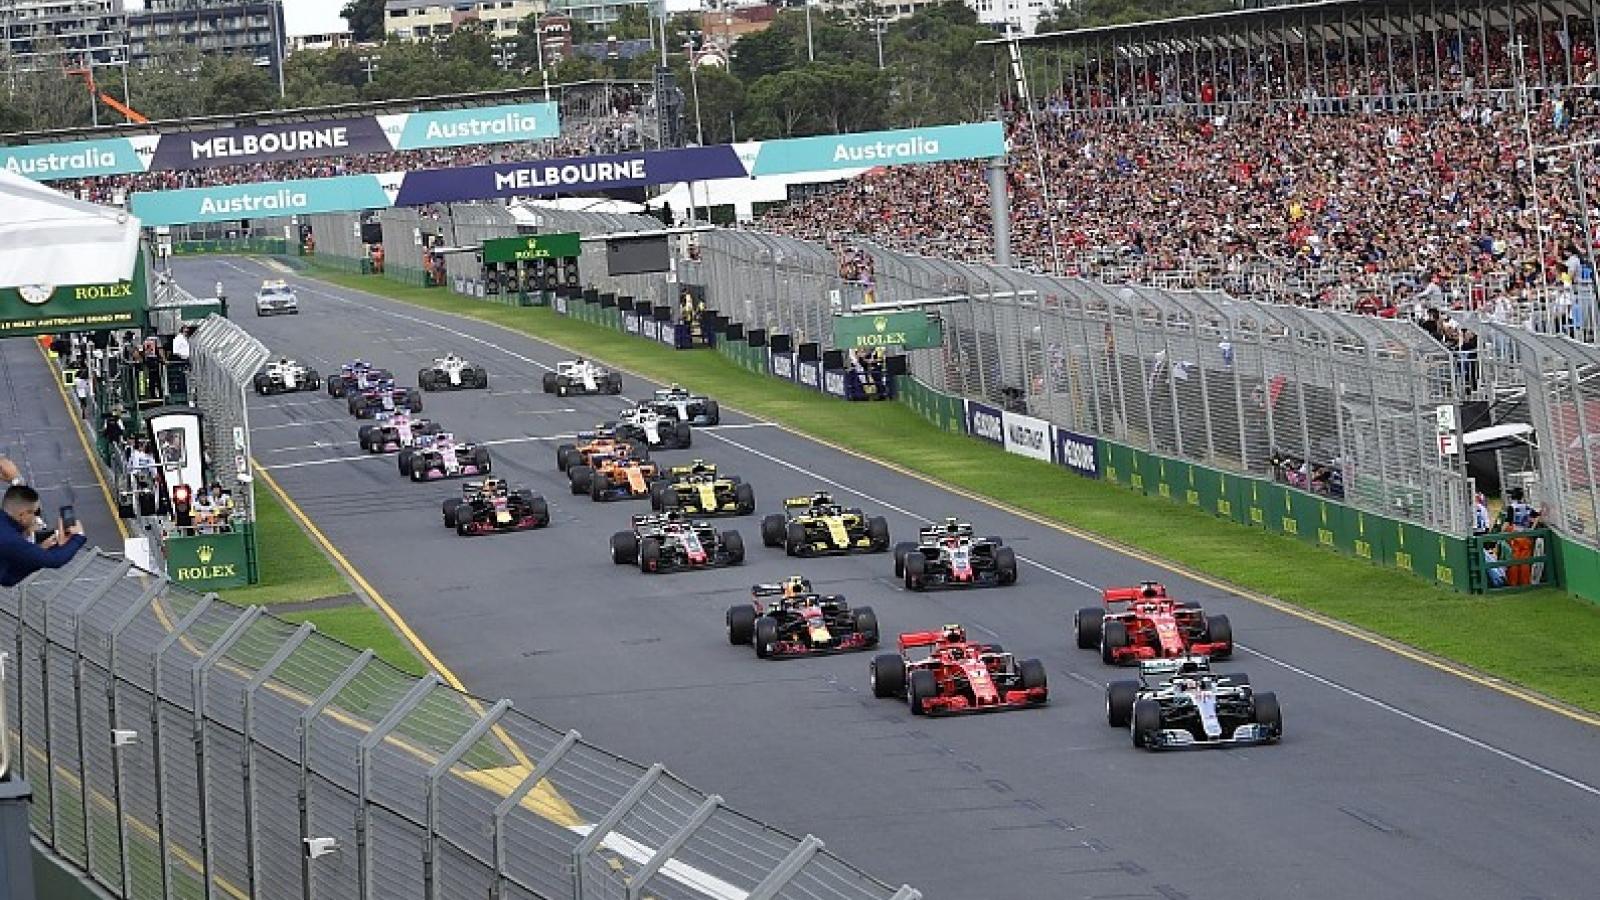 Mùa giải F1 2021 có nguy cơ bị lùi ngày khởi tranh vì Covid-19